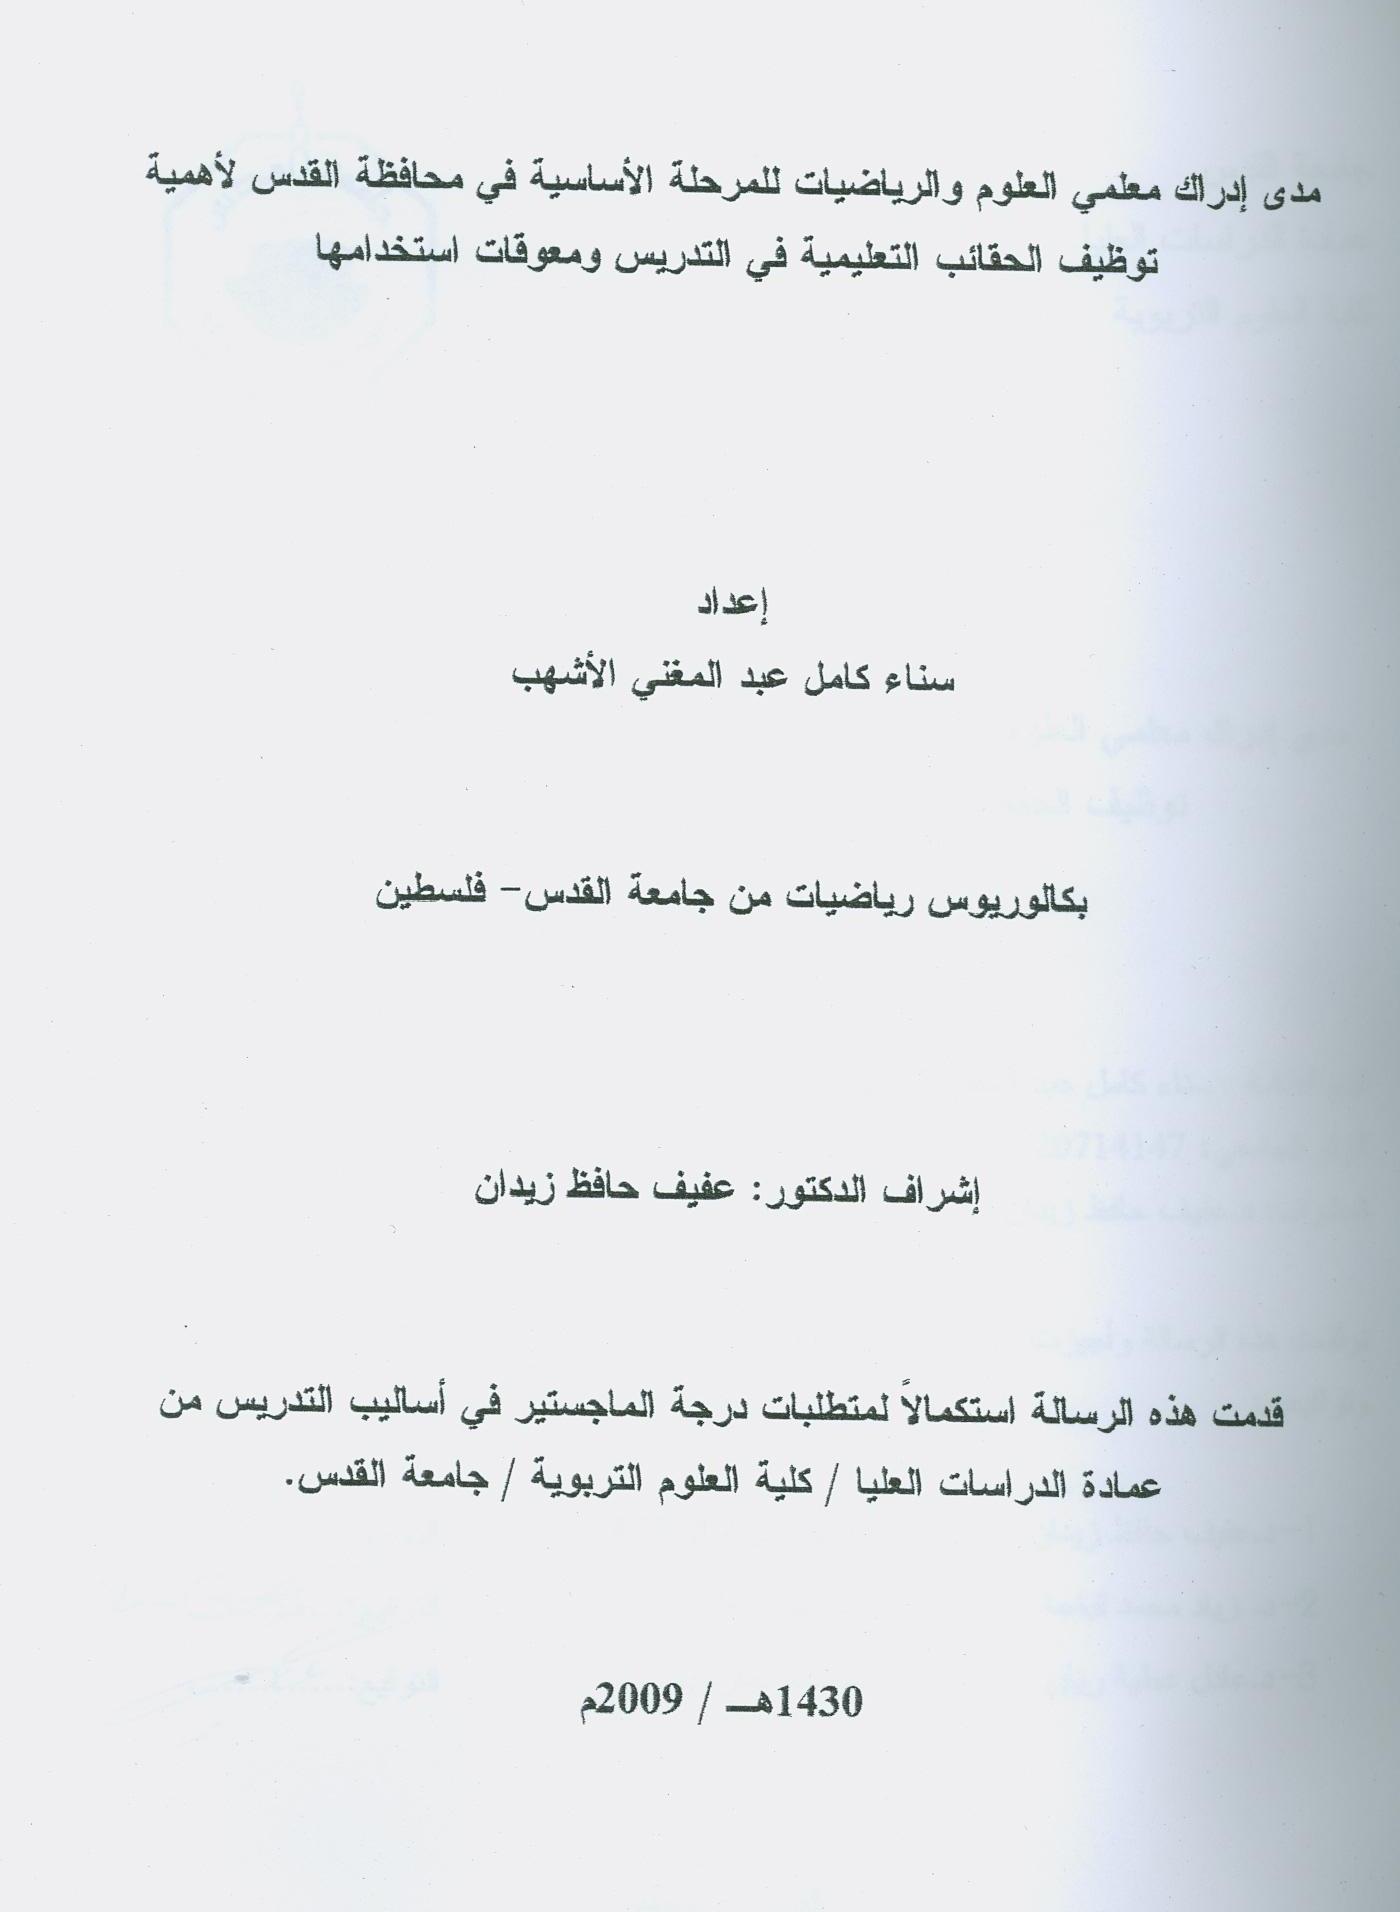 الرسائل الجامعية في مكتبة جامعة بيرزيت